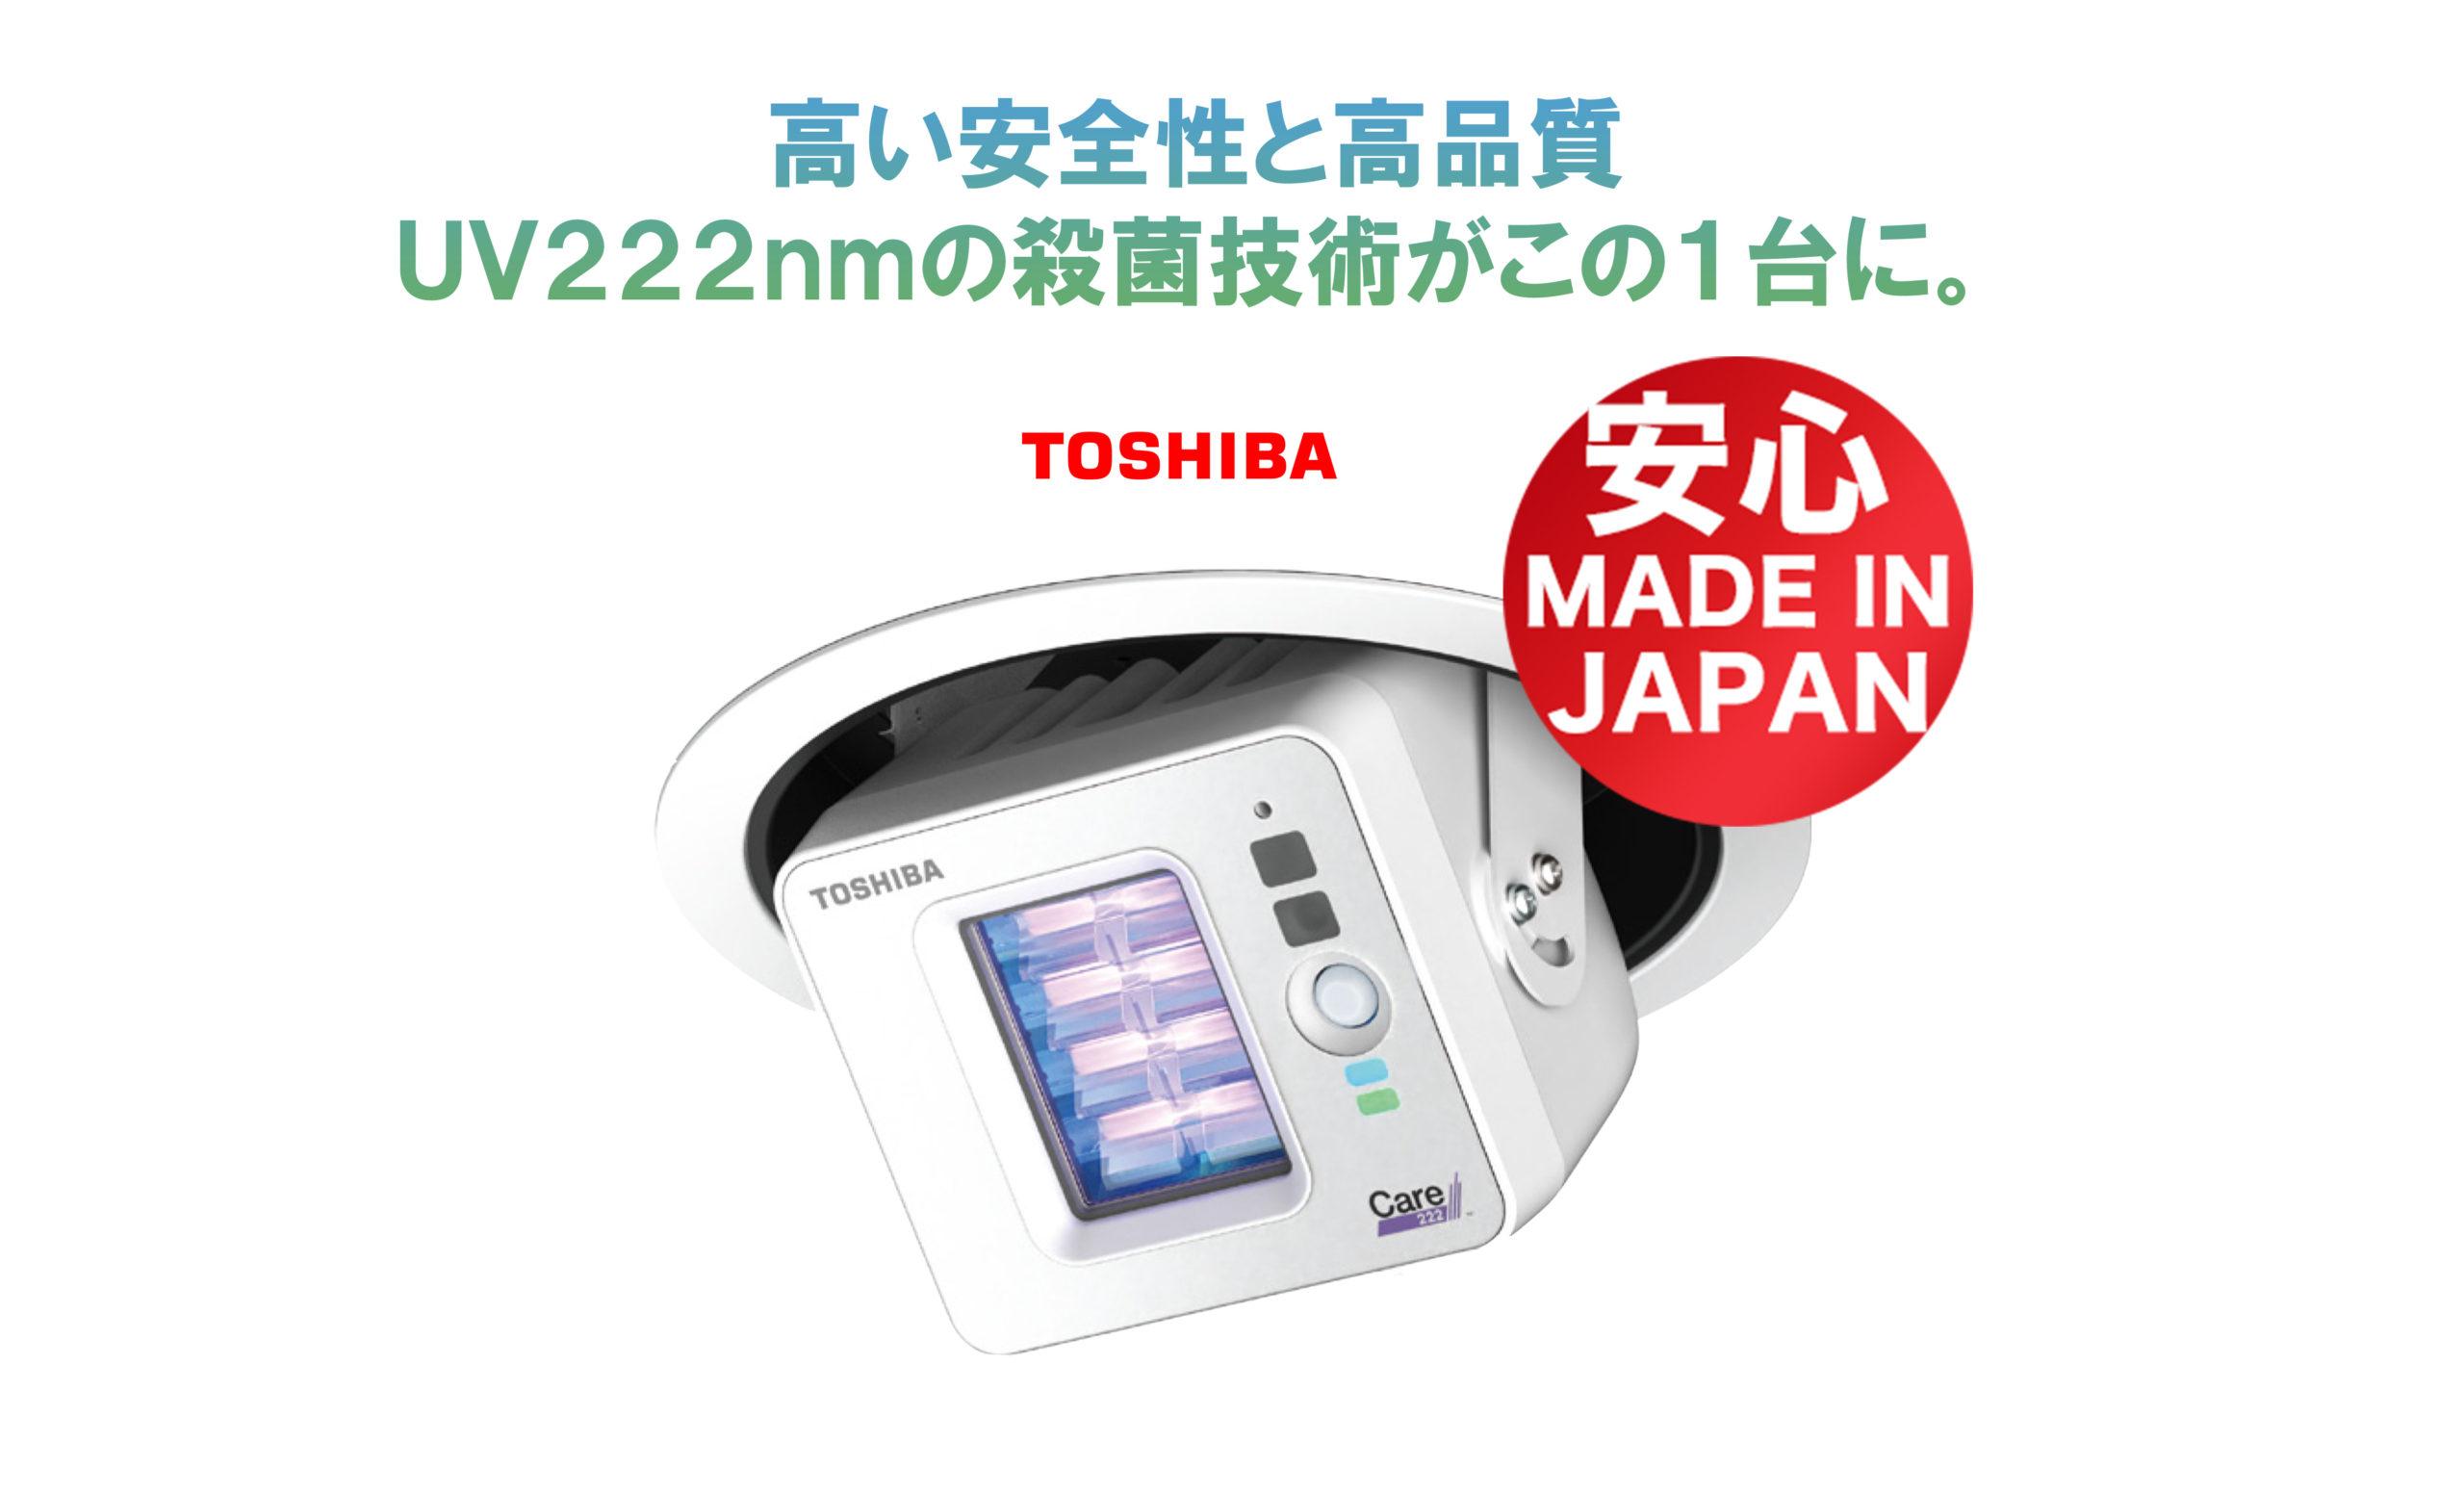 安心の日本製。TOSHIBA(東芝)製の人体に無害な222nm波長の紫外線照射装置でコロナ対策や一般細菌に対しても高い殺菌作用があり、表面除菌・空間除菌を同時に行えます。